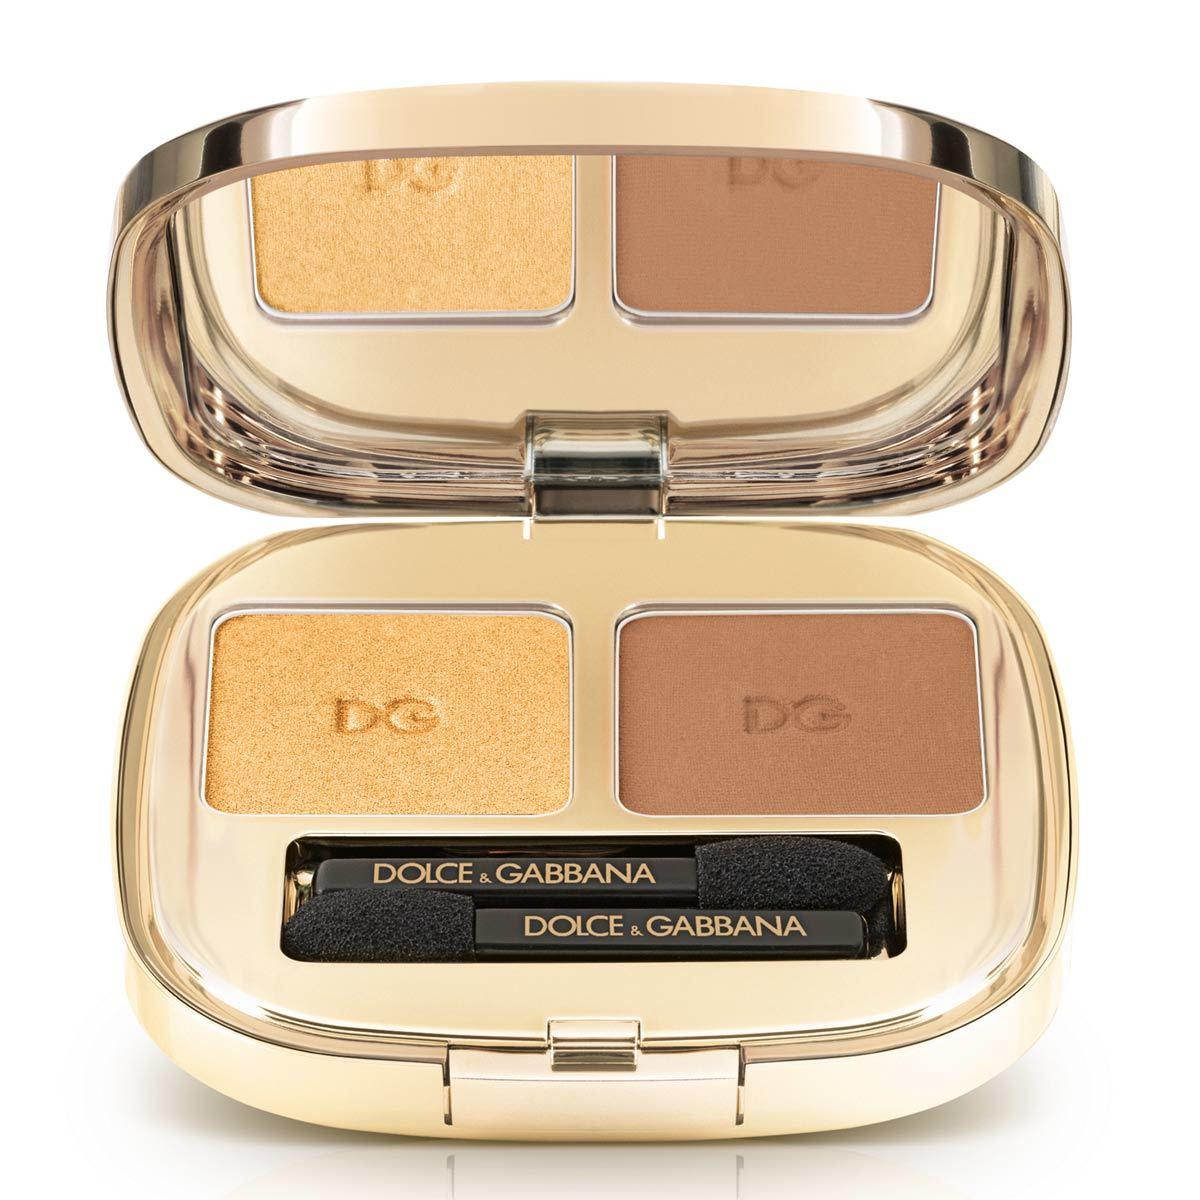 Sombras de ojos The Eyeshadow Dúo en tono Gold, de Dolce & Gabbana (C.P.V.) combinada con marrón para un efecto terracotta suave en los párpados.